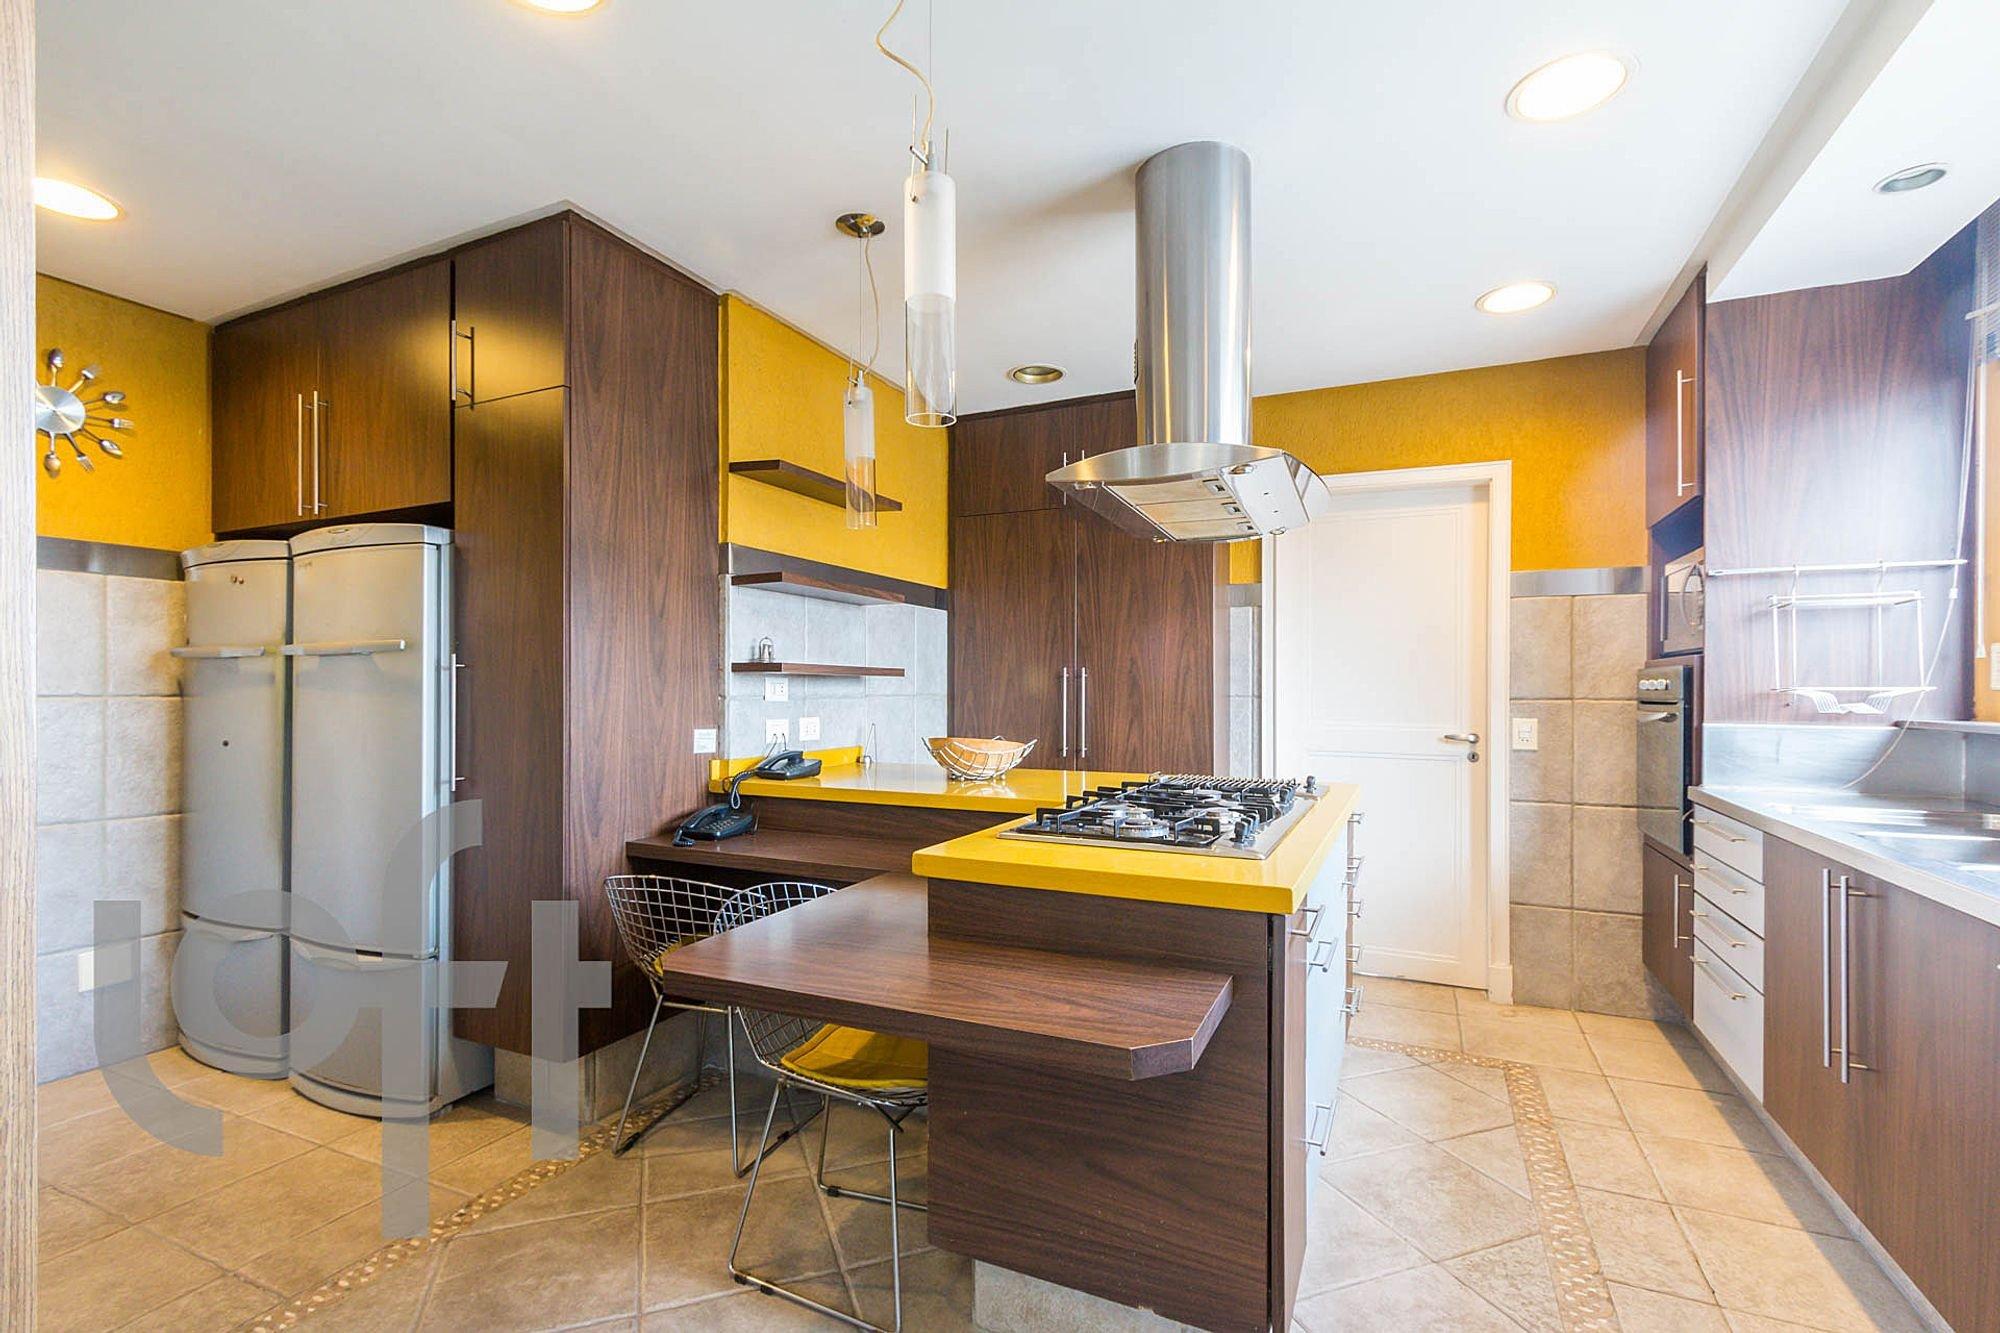 Foto de Cozinha com tigela, geladeira, mesa de jantar